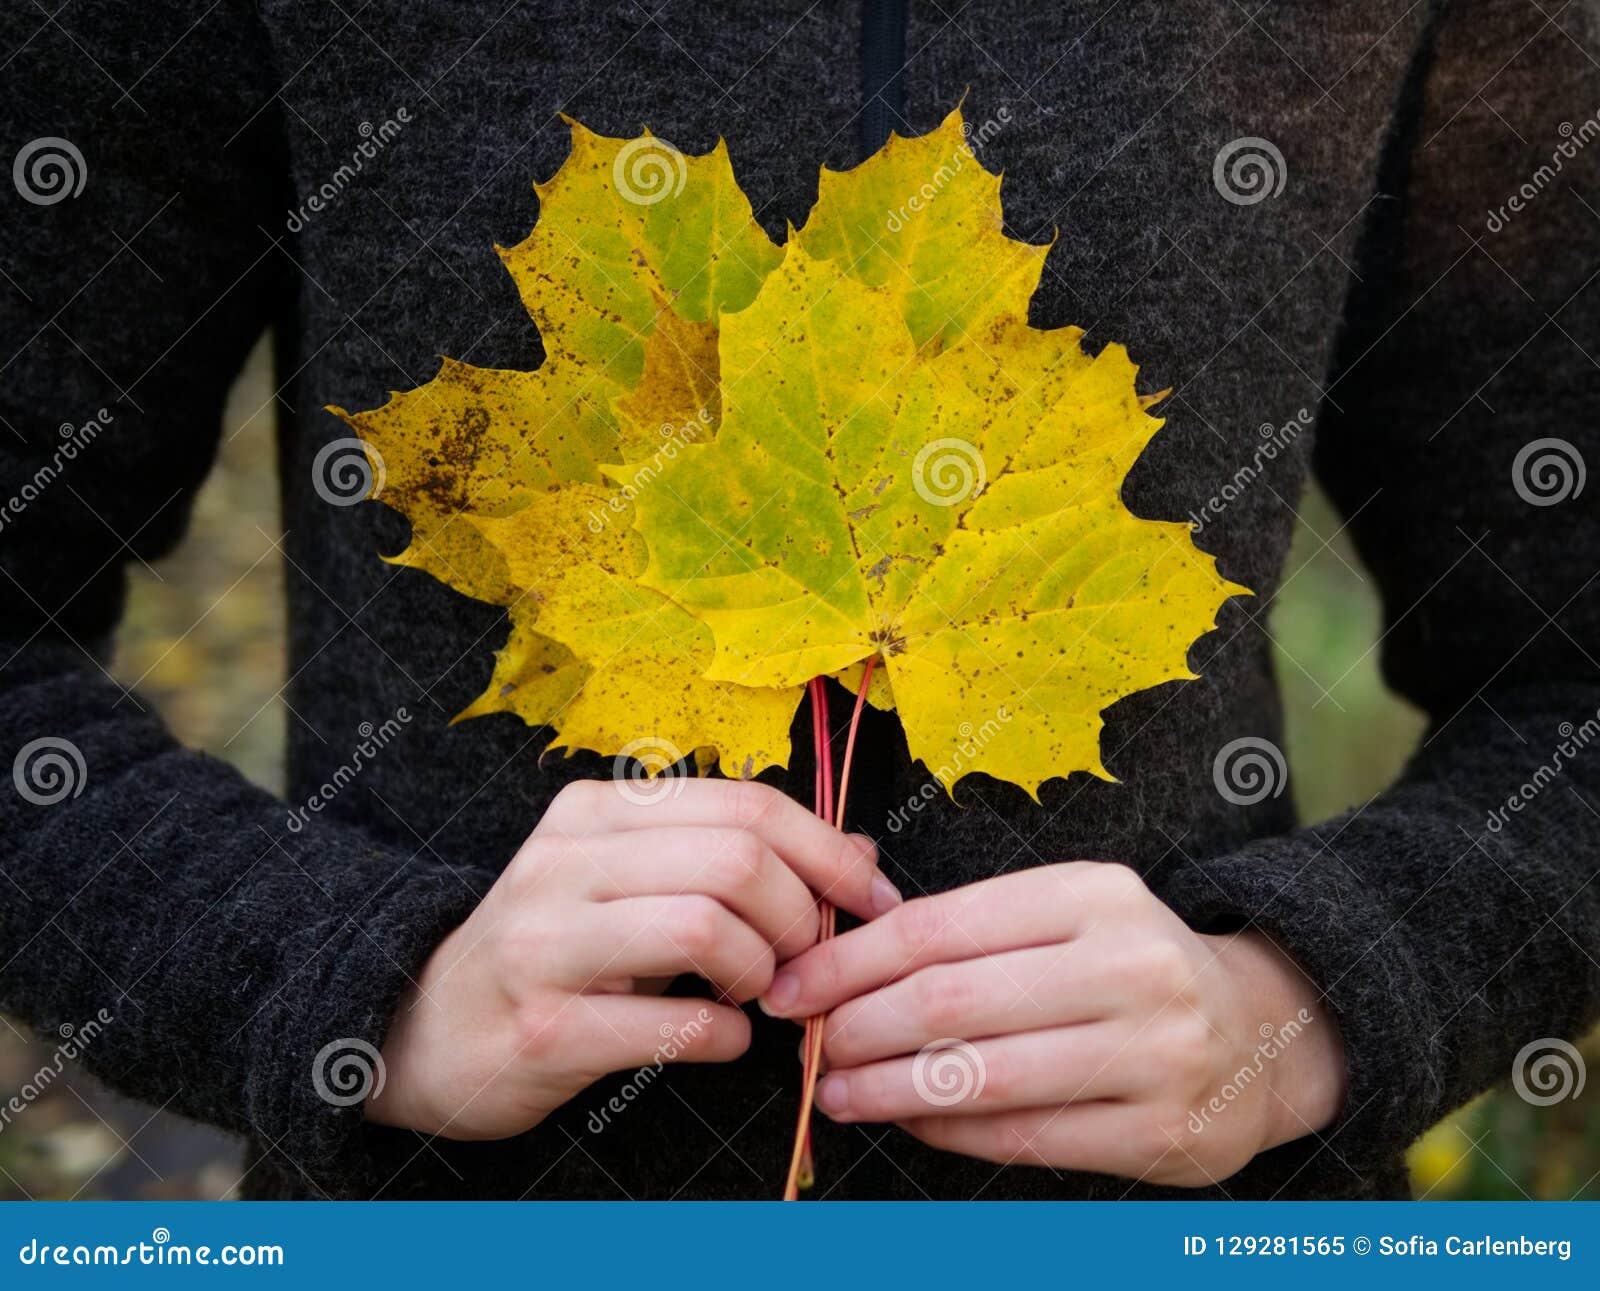 Букет желтых кленовых листов держит женские руки